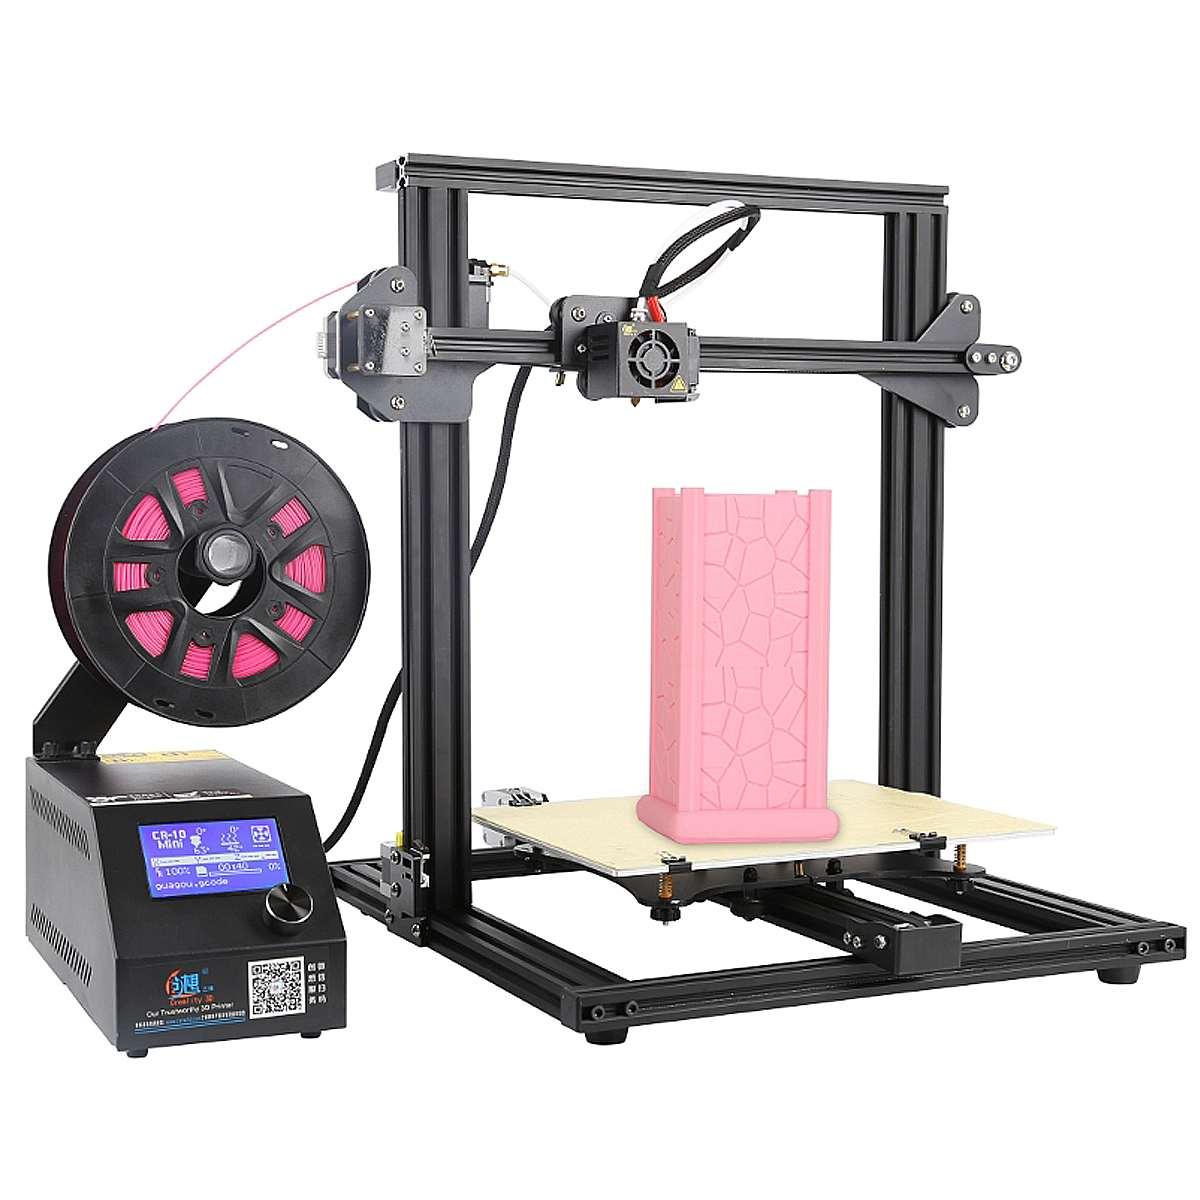 CR-10 Mini DIY 3D Imprimante Kit de Soutien de Cv Impression 300*220*300mm Grande Taille D'impression 1.75mm 0.4mm Buse